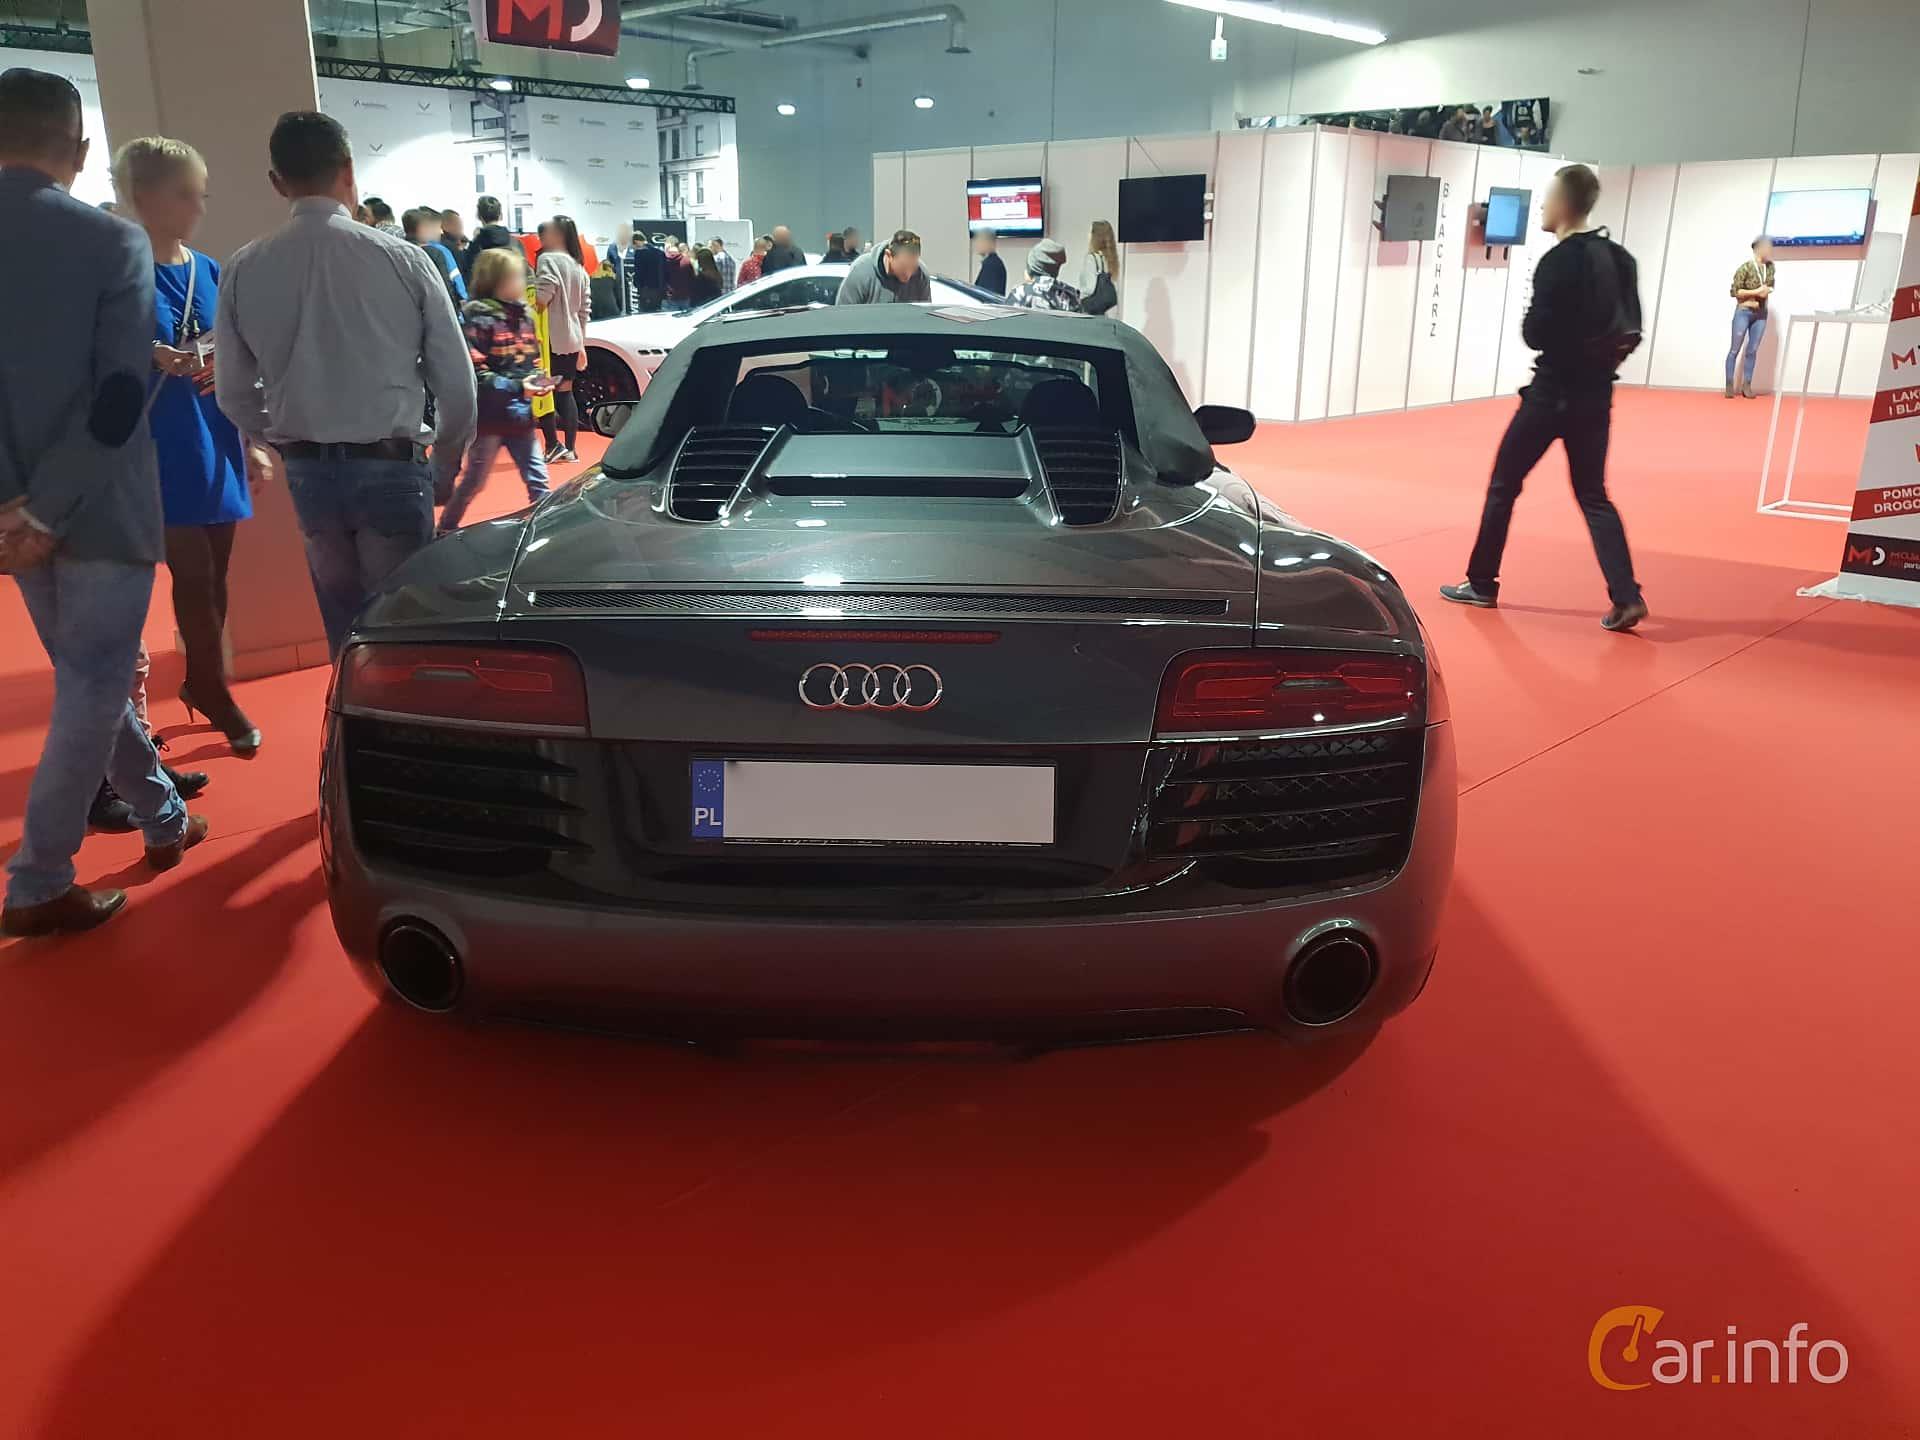 Audi R8 Spyder at Warsawa Motorshow 2018